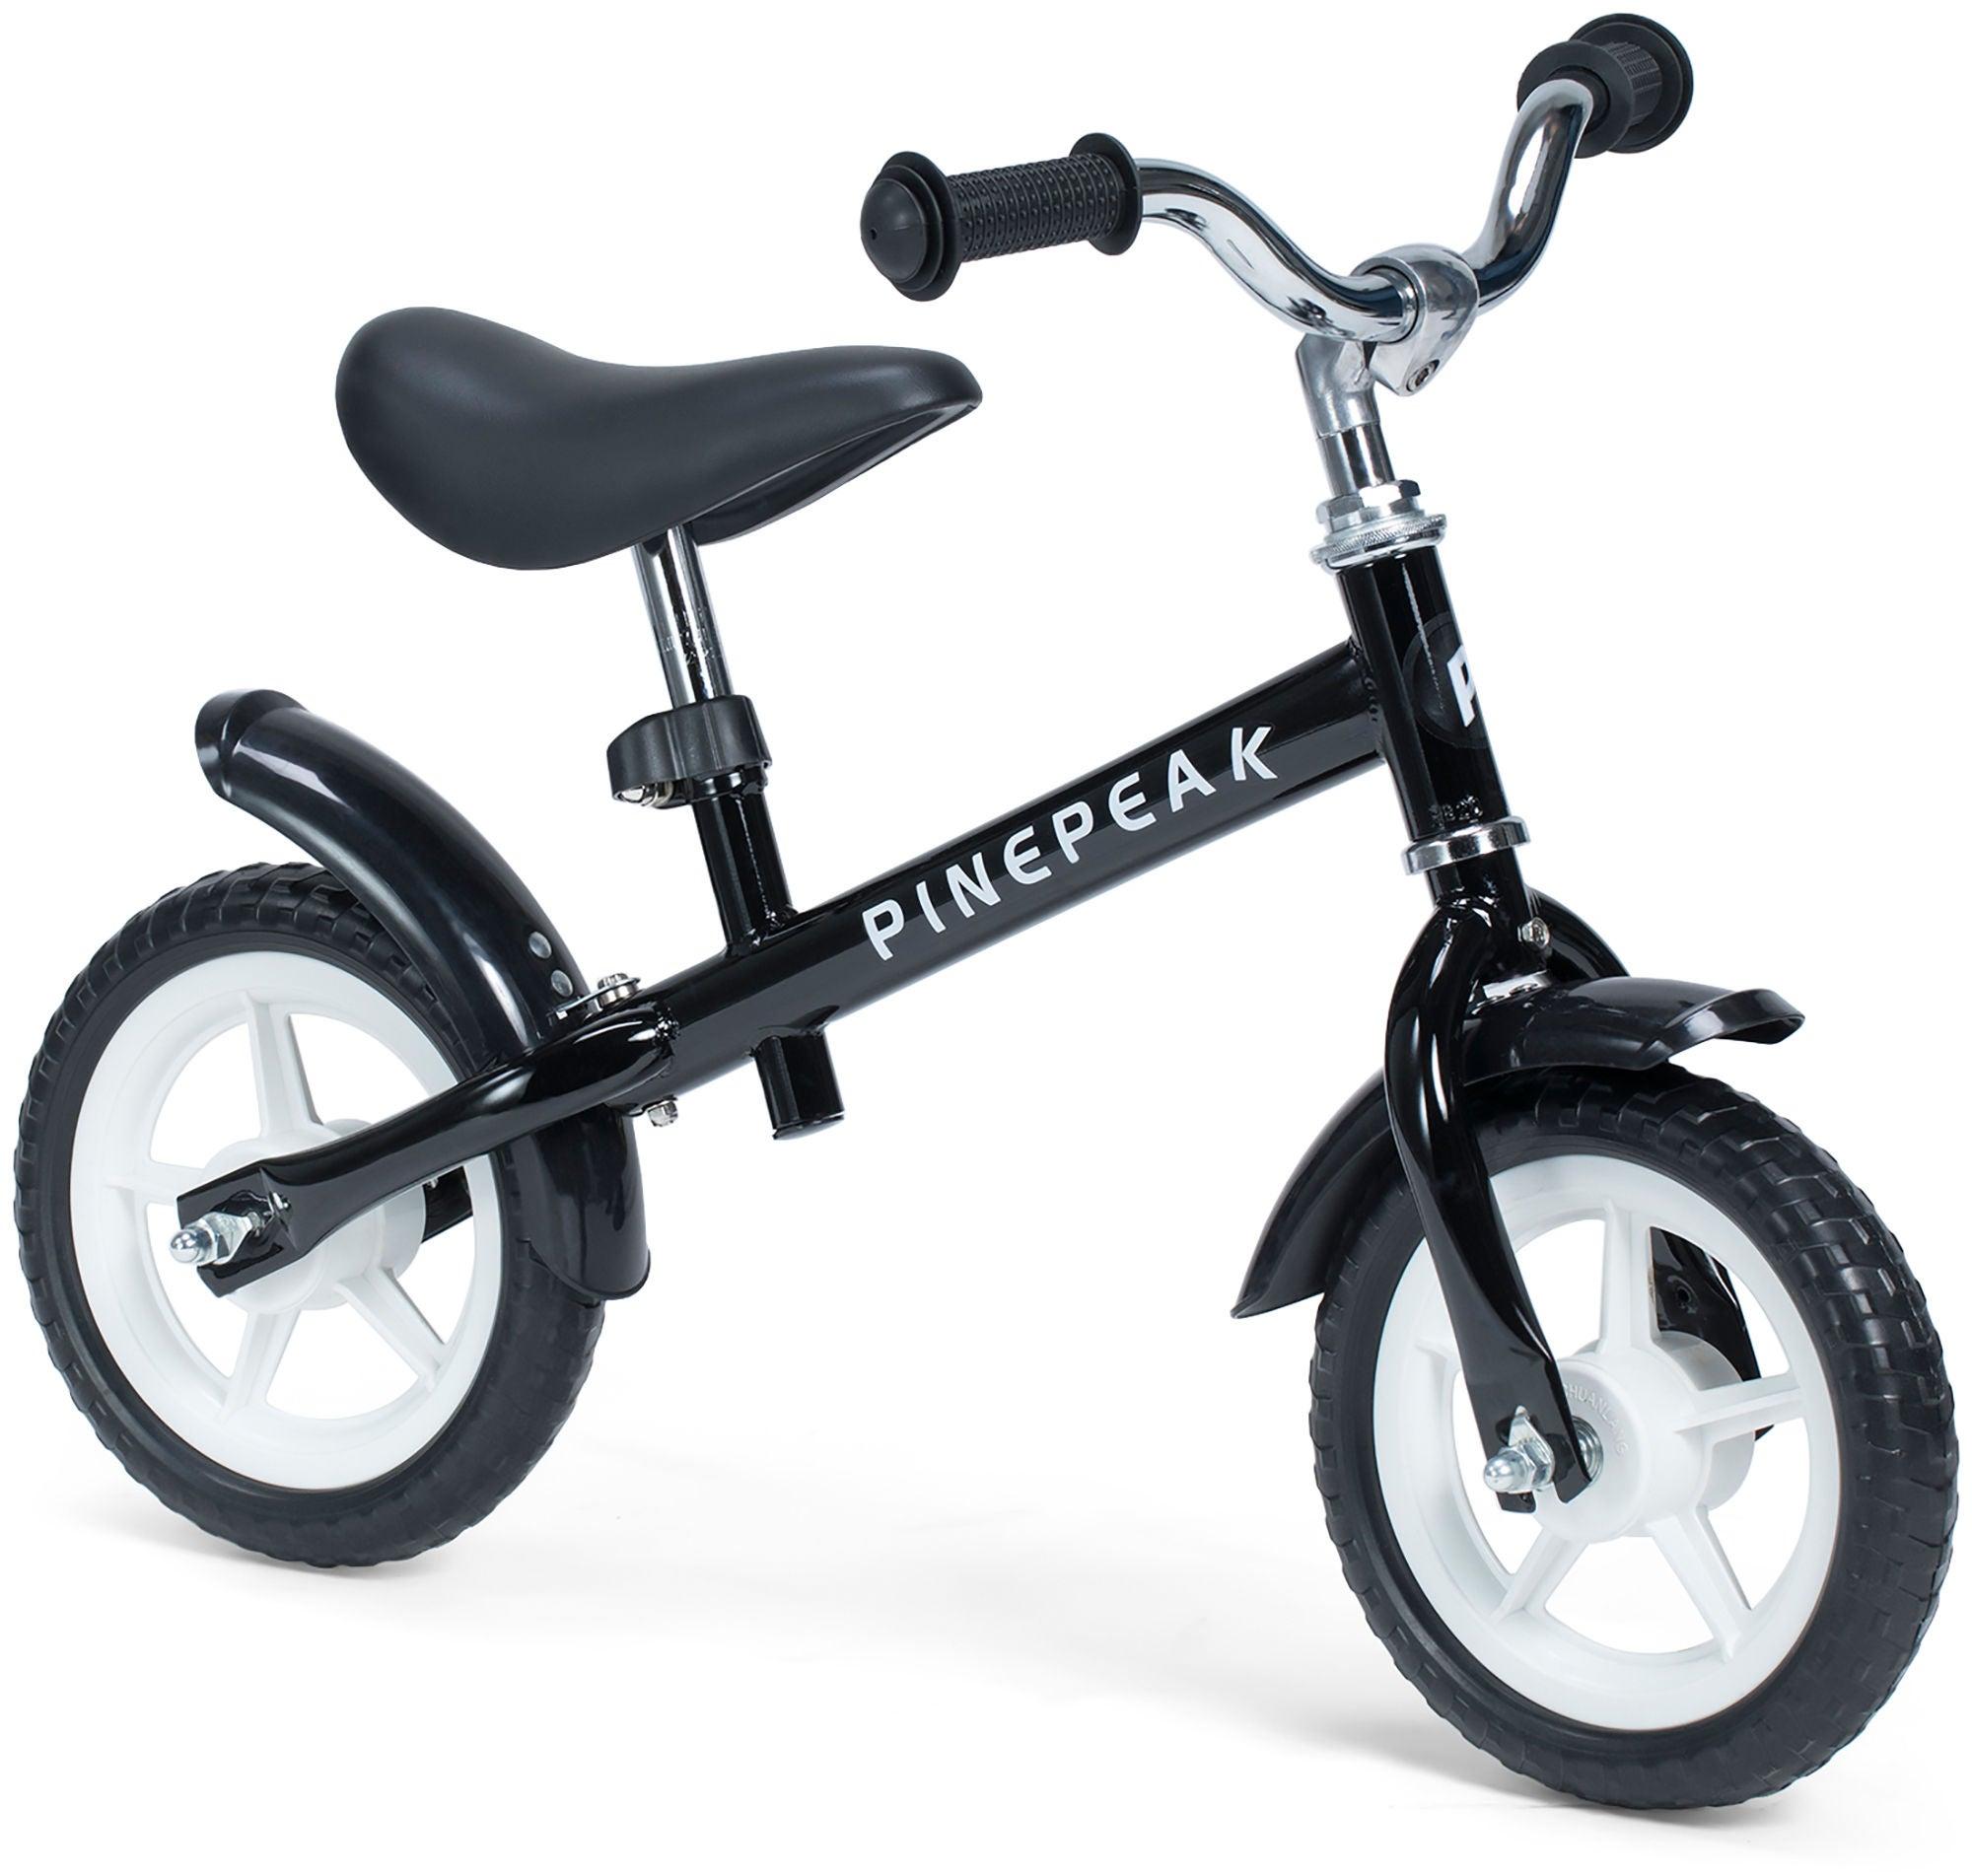 Pinepeak Komfort Løbecykel 10 tommer, Sort | Løbecykel